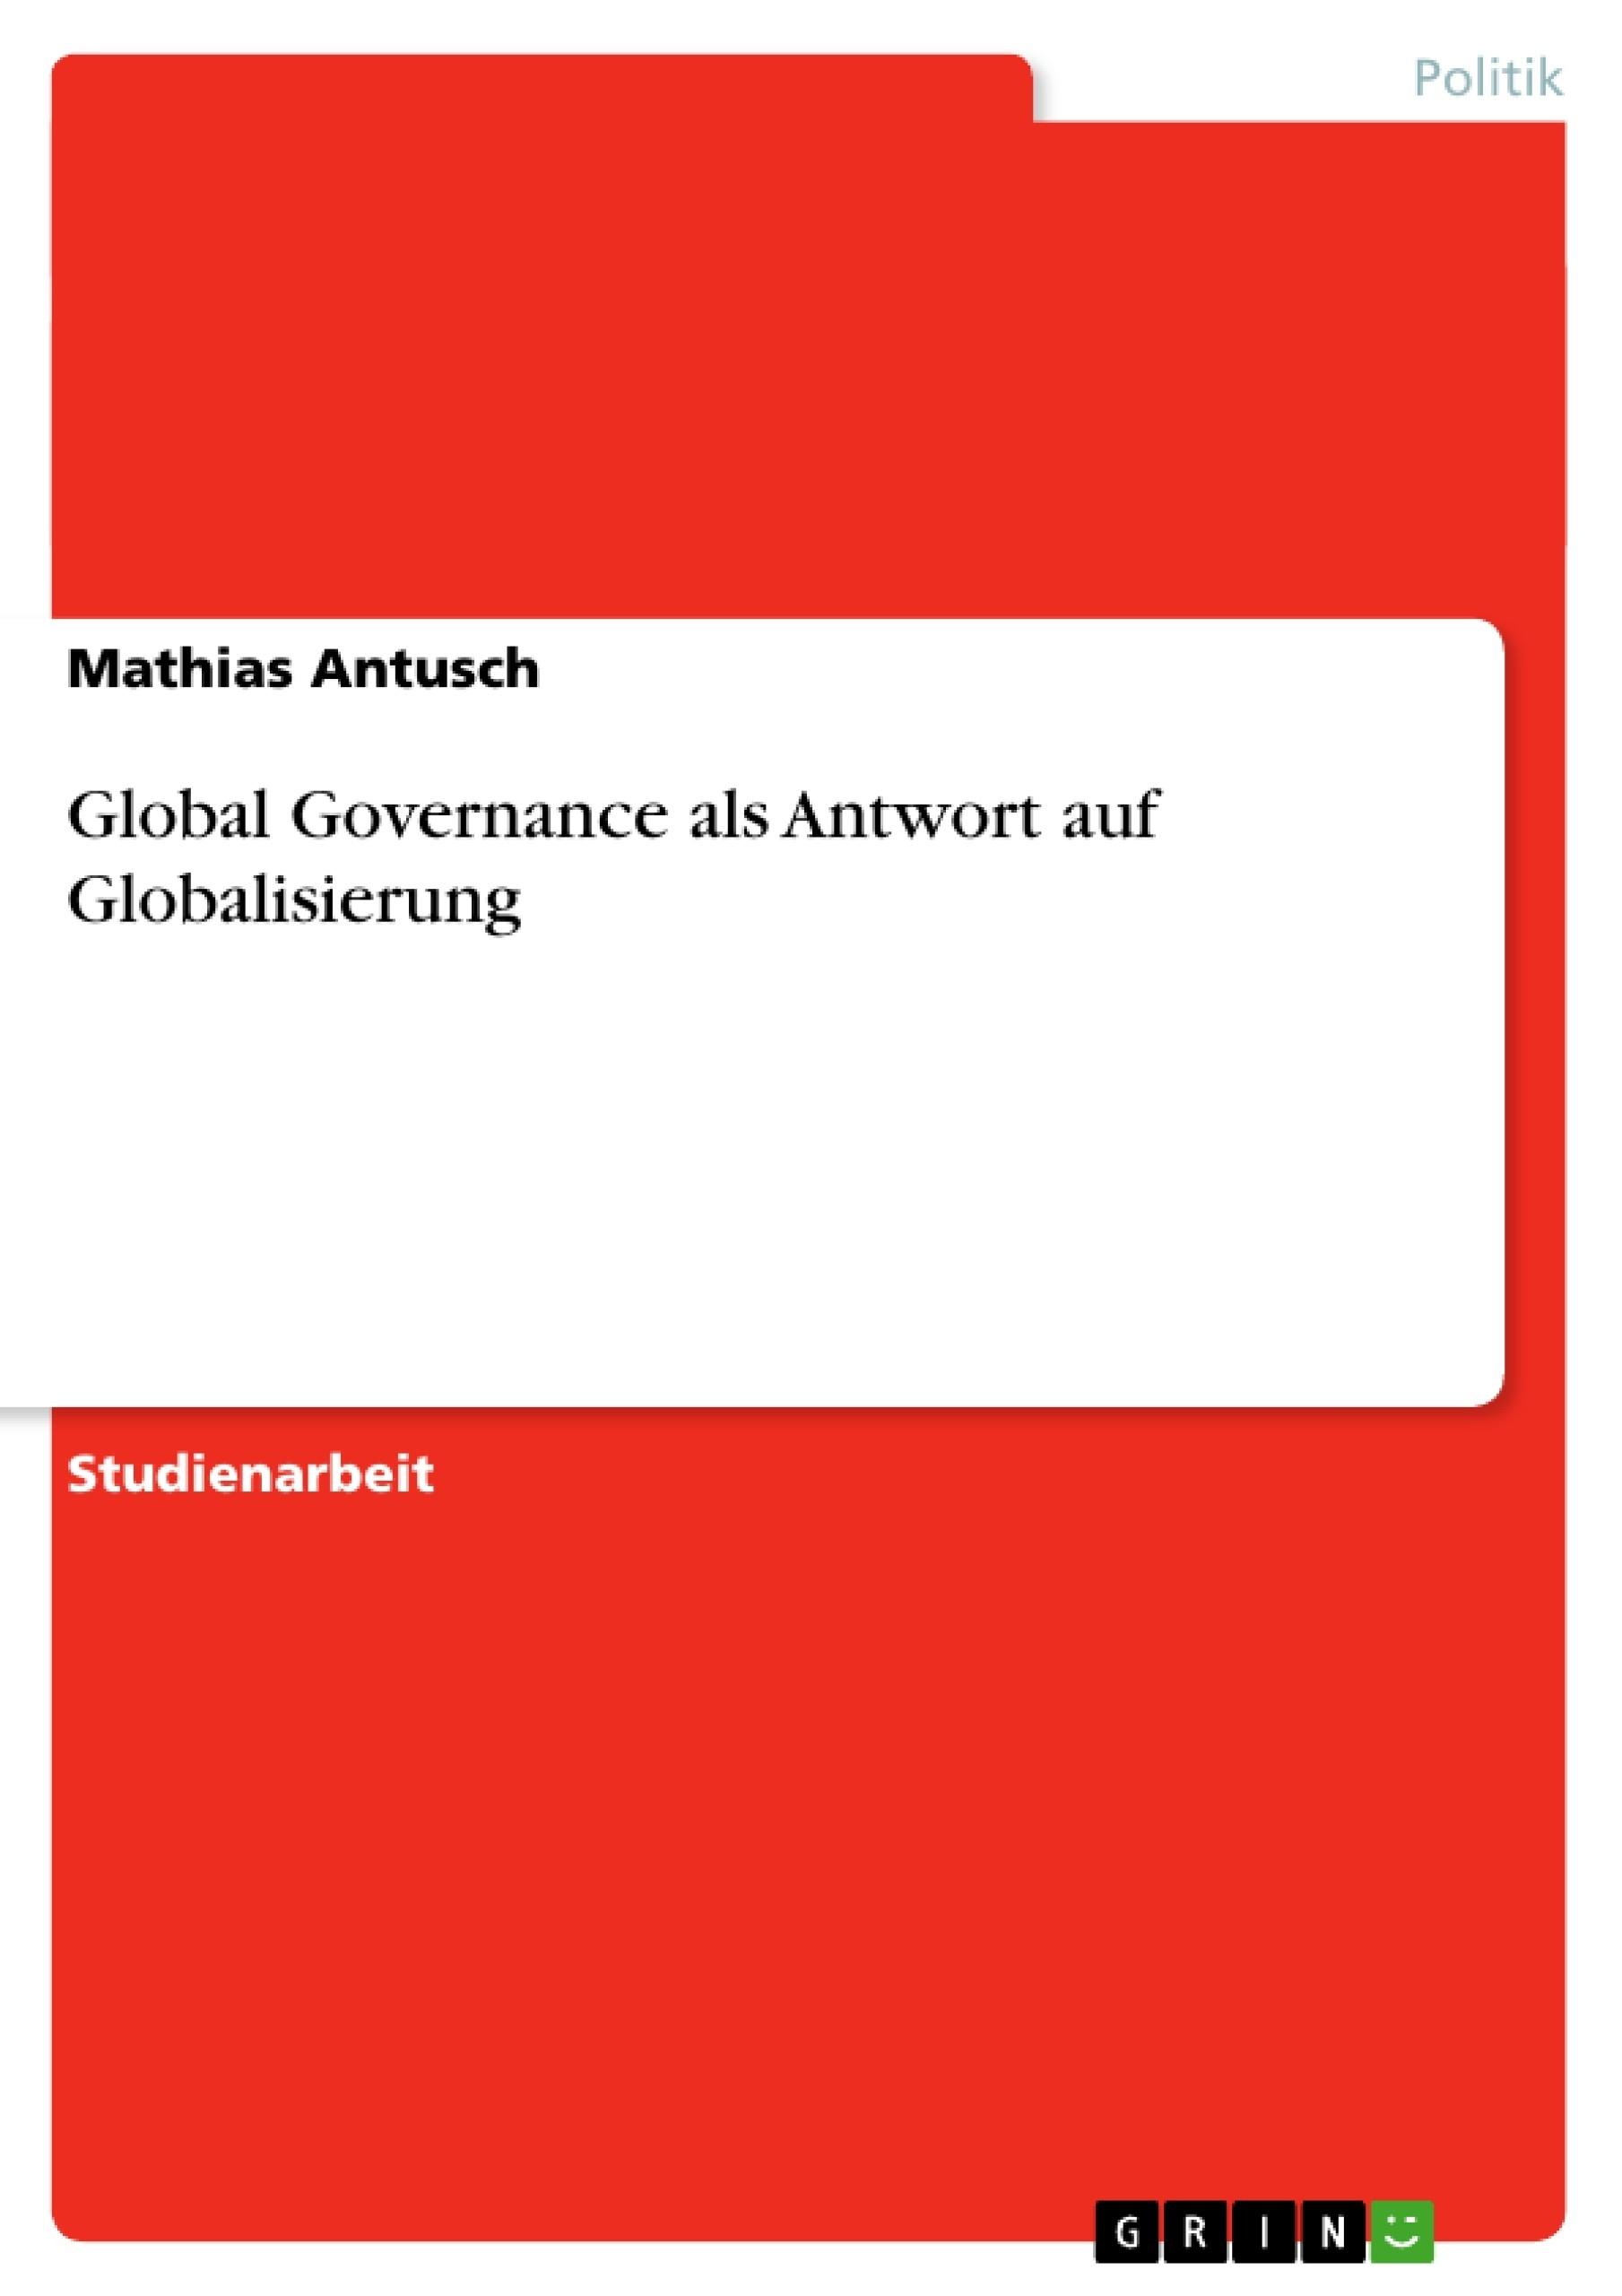 Titel: Global Governance als Antwort auf Globalisierung